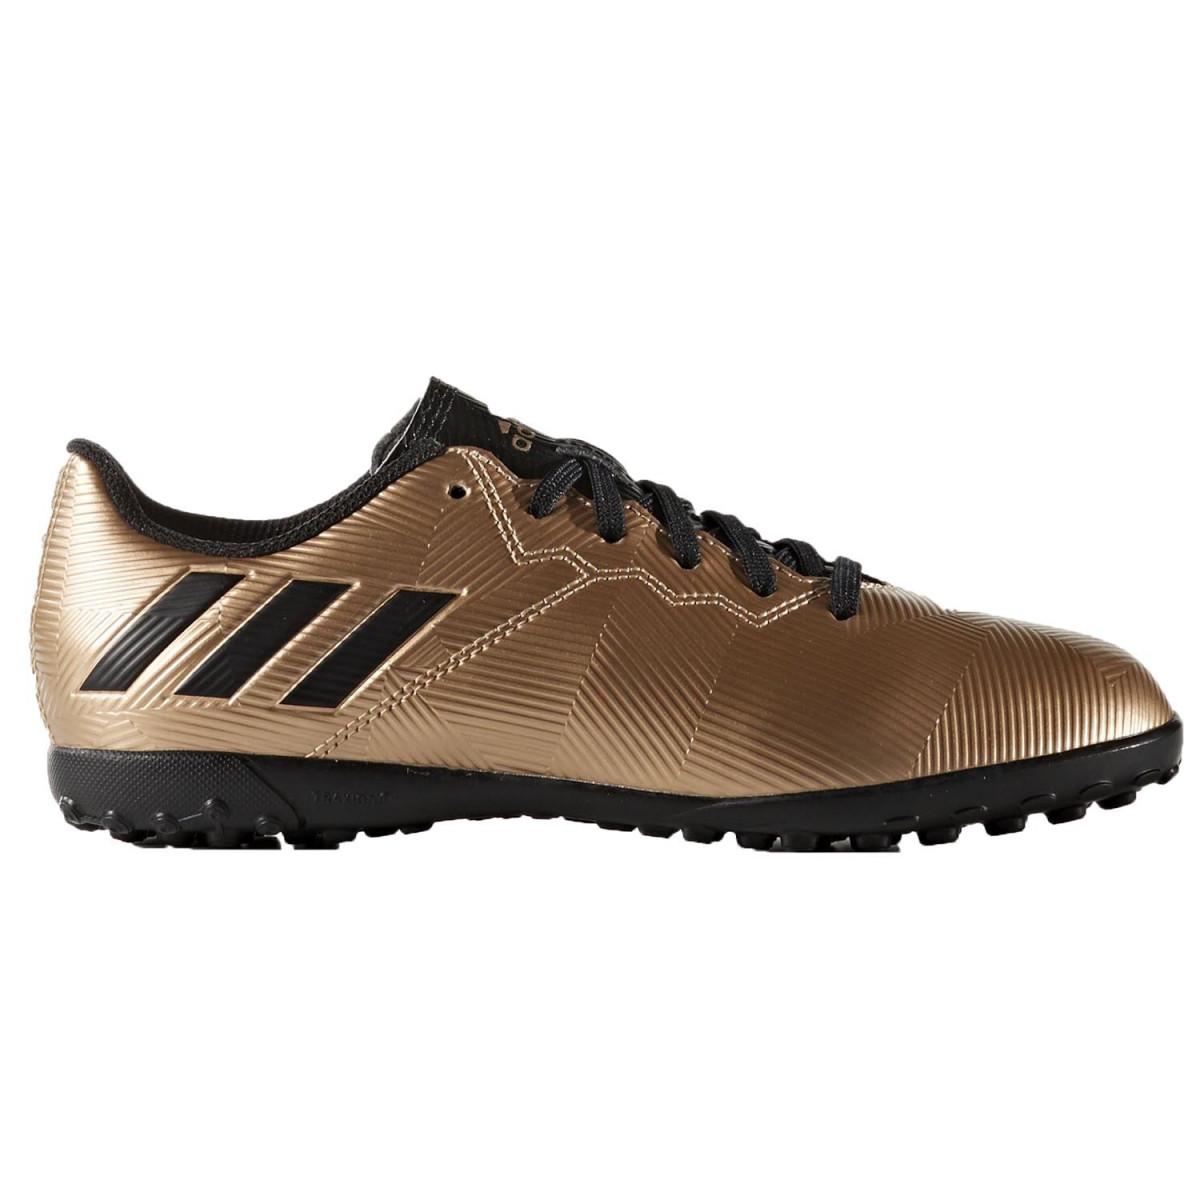 quality design c3ca6 39e31 Botines Adidas Messi 16.3 Tf